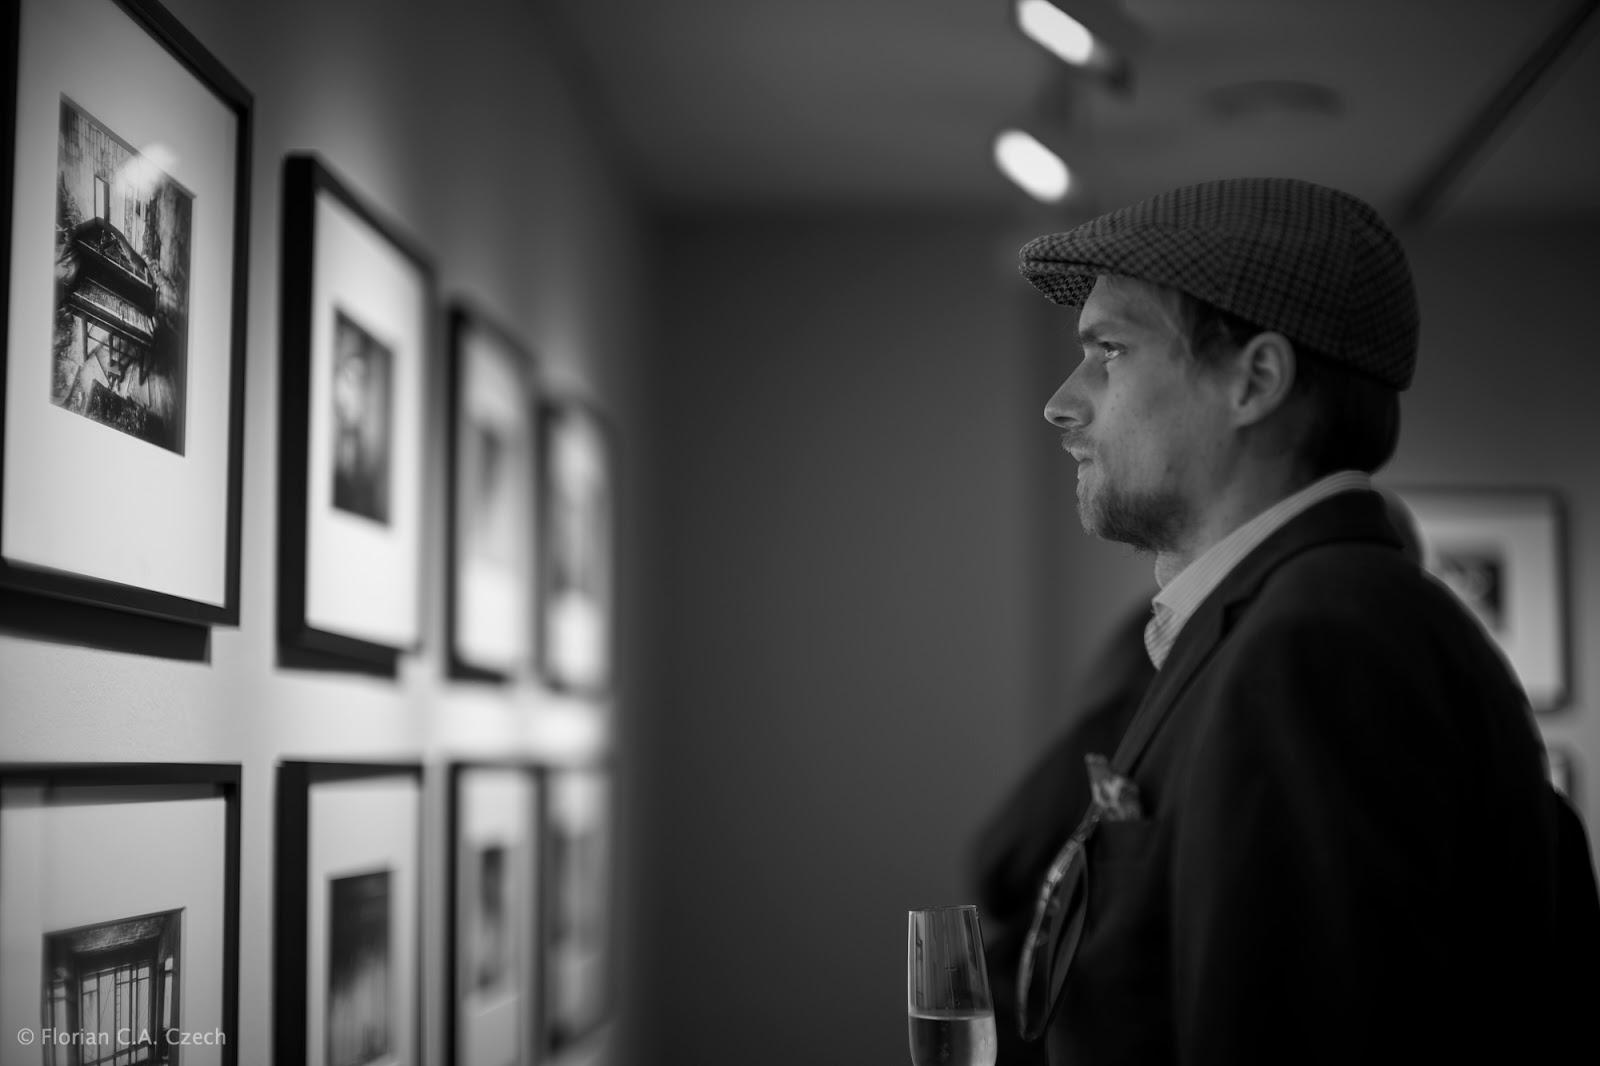 Ein Mann schaut sich Bilder an